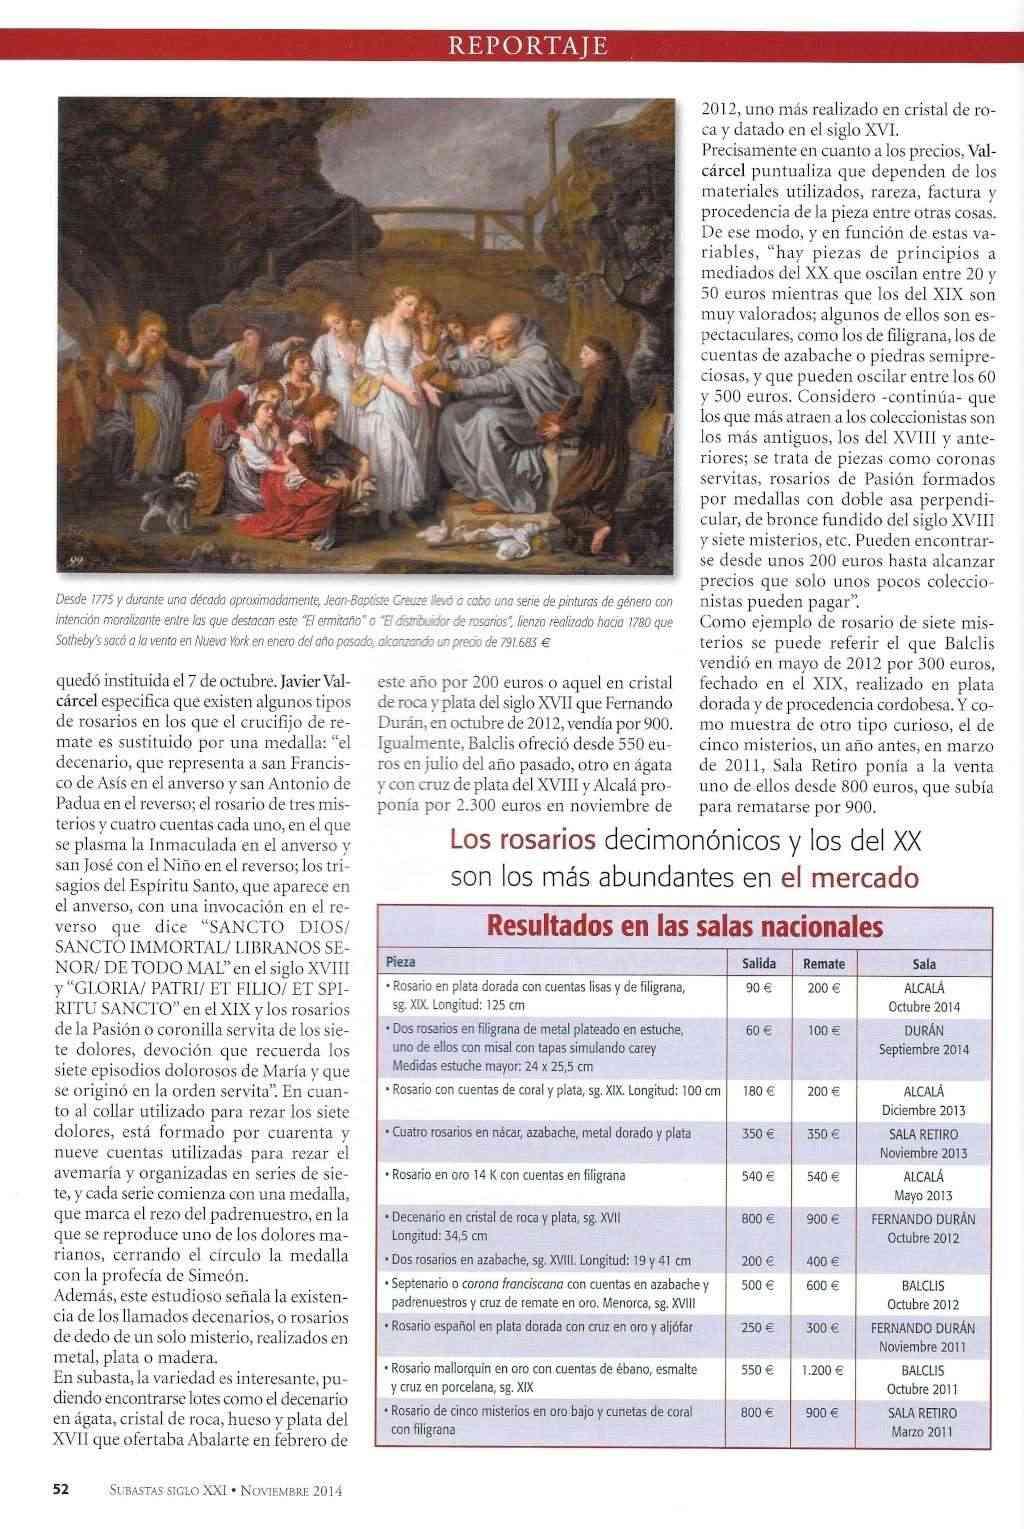 REPORTAJE SOBRE ROSARIOS EN REVISTA SIGLO XXI - SUBASTAS - NOVIEMBRE 2014 Rosari21